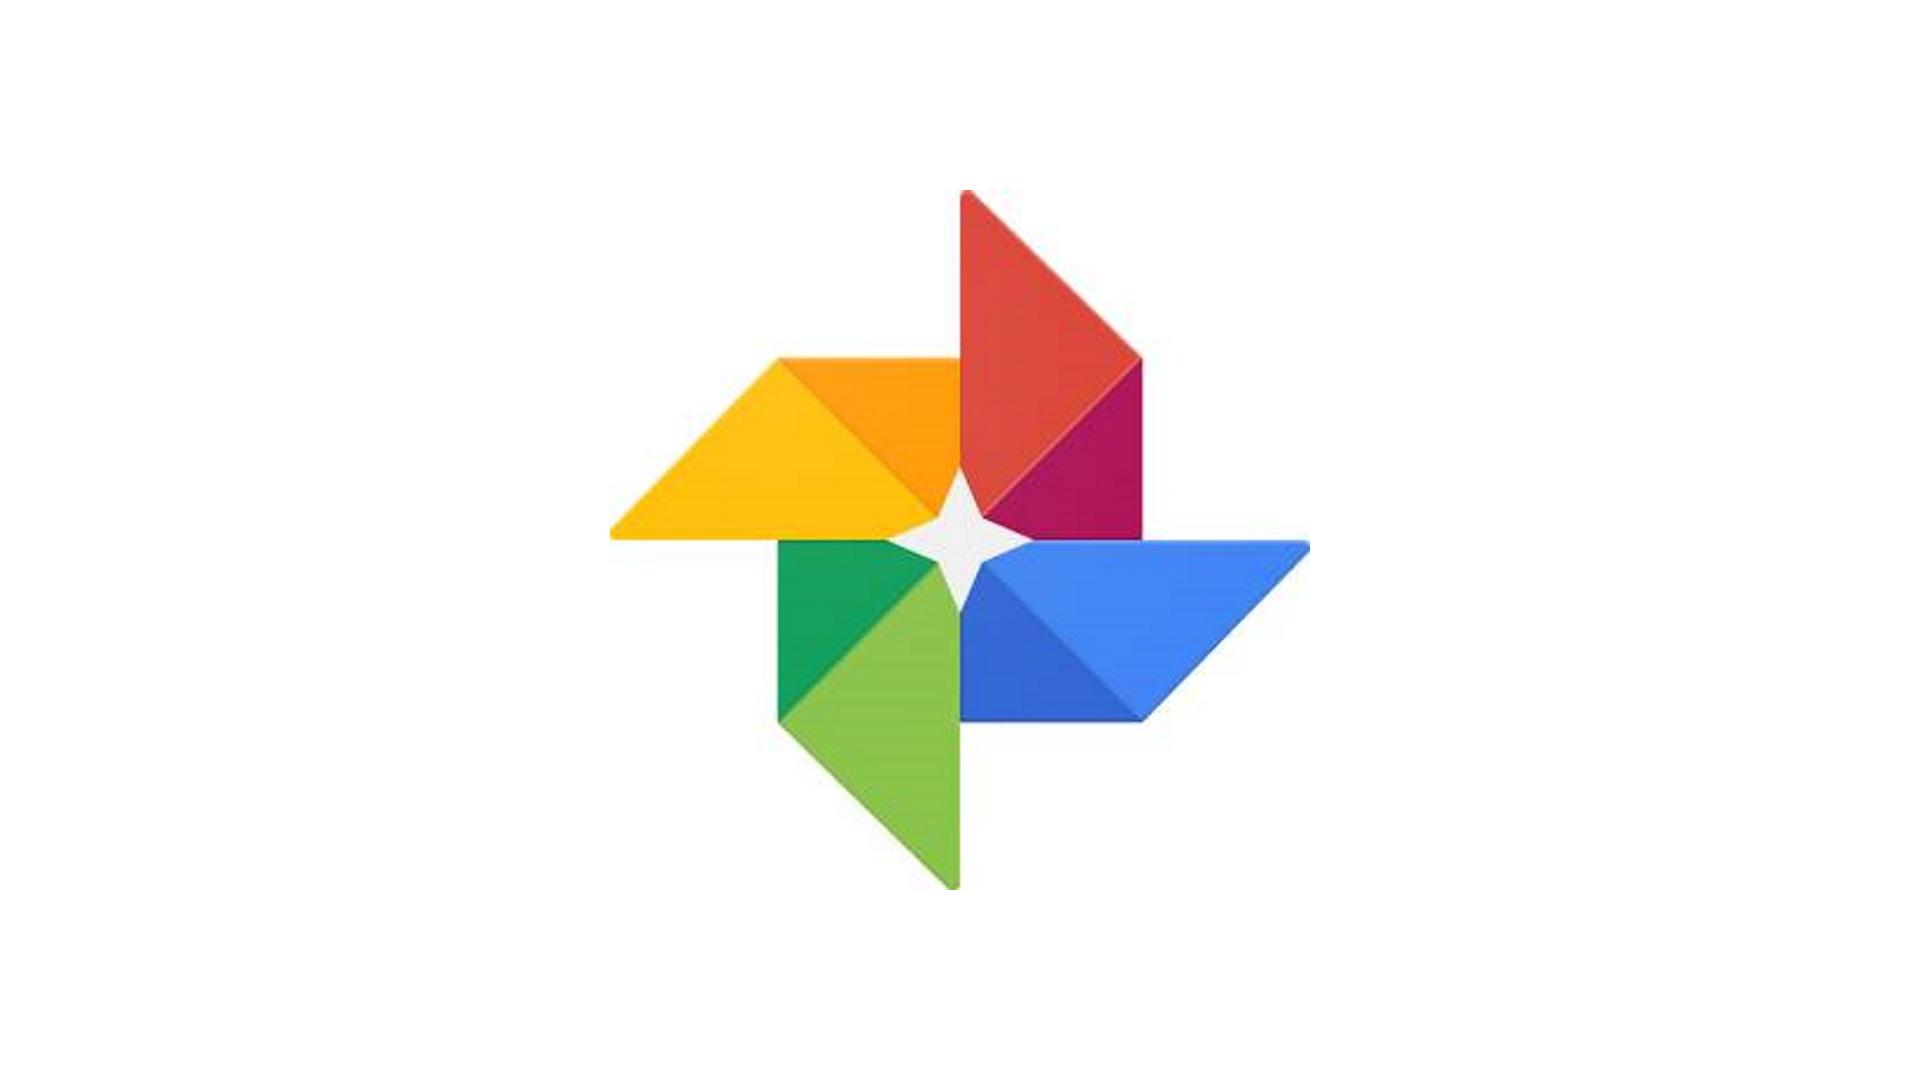 iOS版「Google フォト」が共有ライブラリからのダイレクト削除をサポート